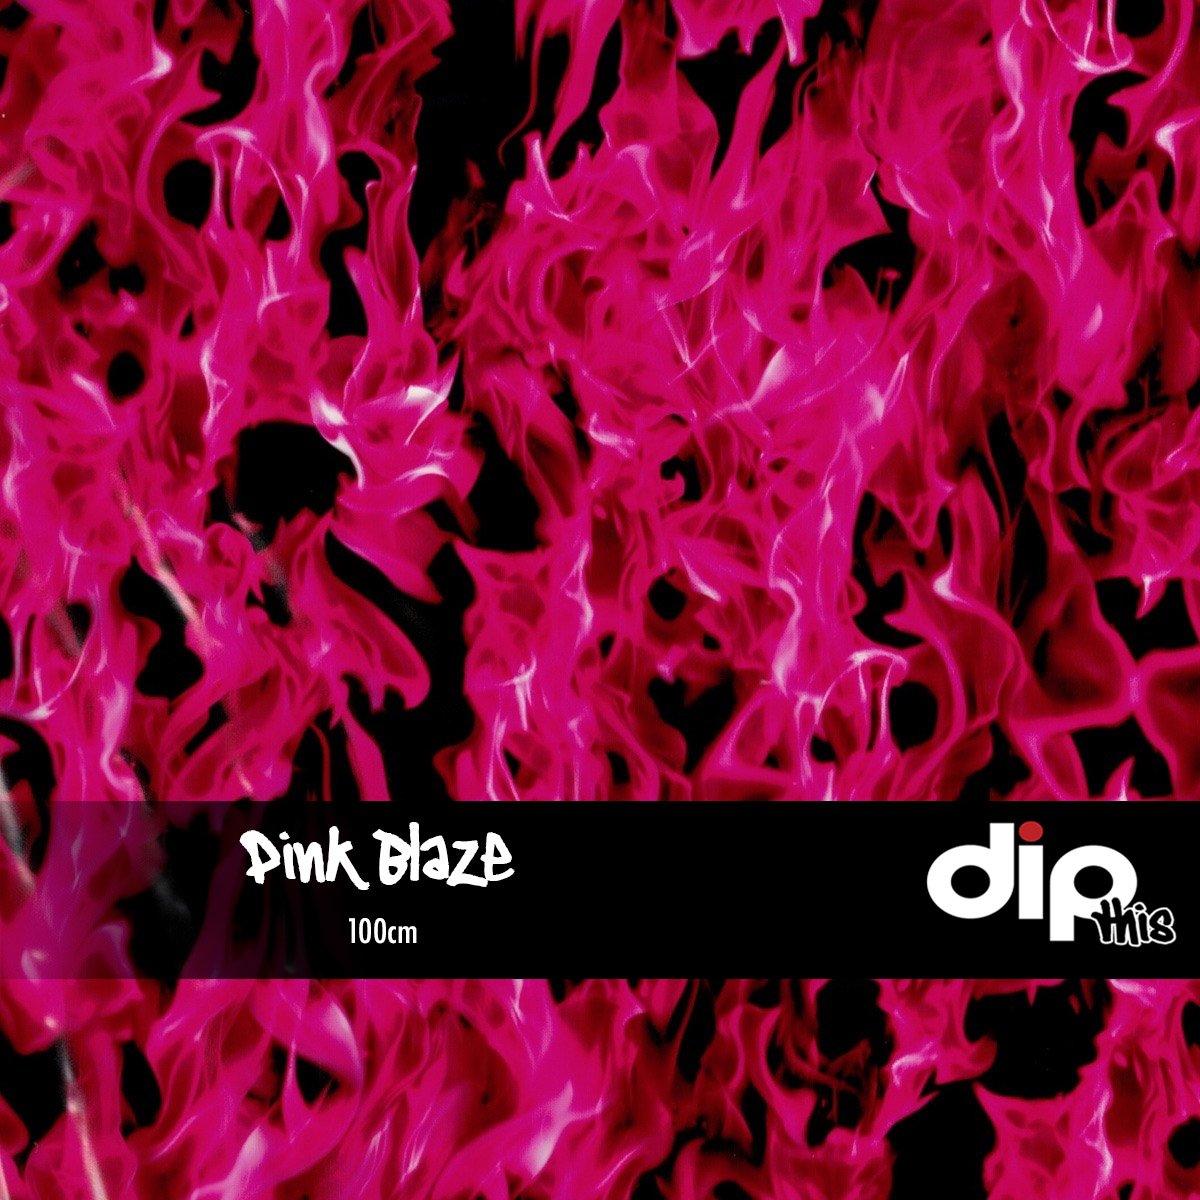 Pink Blaze Dip Kit